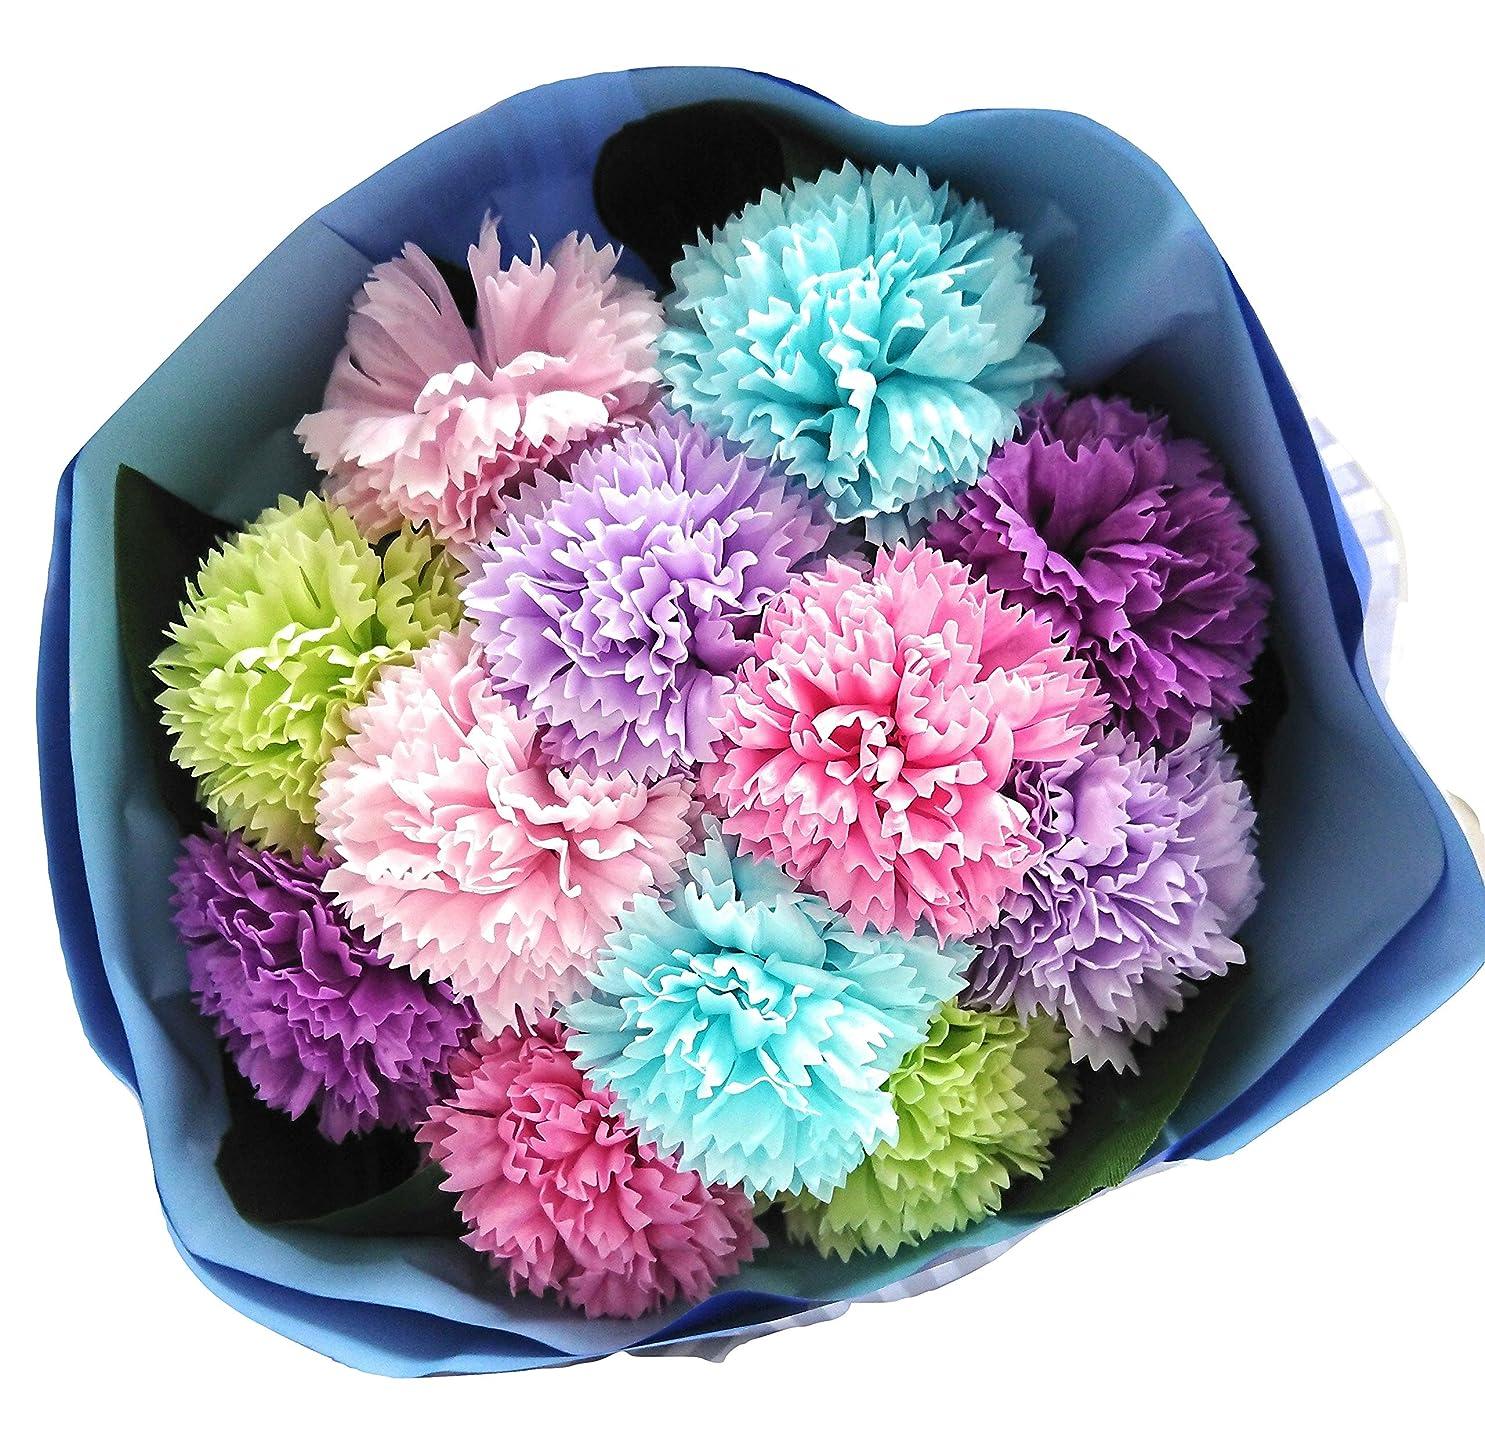 放射能砲撃フォアタイプバスフレグランス バスフラワー カーネーションブーケ 母の日 ギフト お花の形の入浴剤 (MIX)